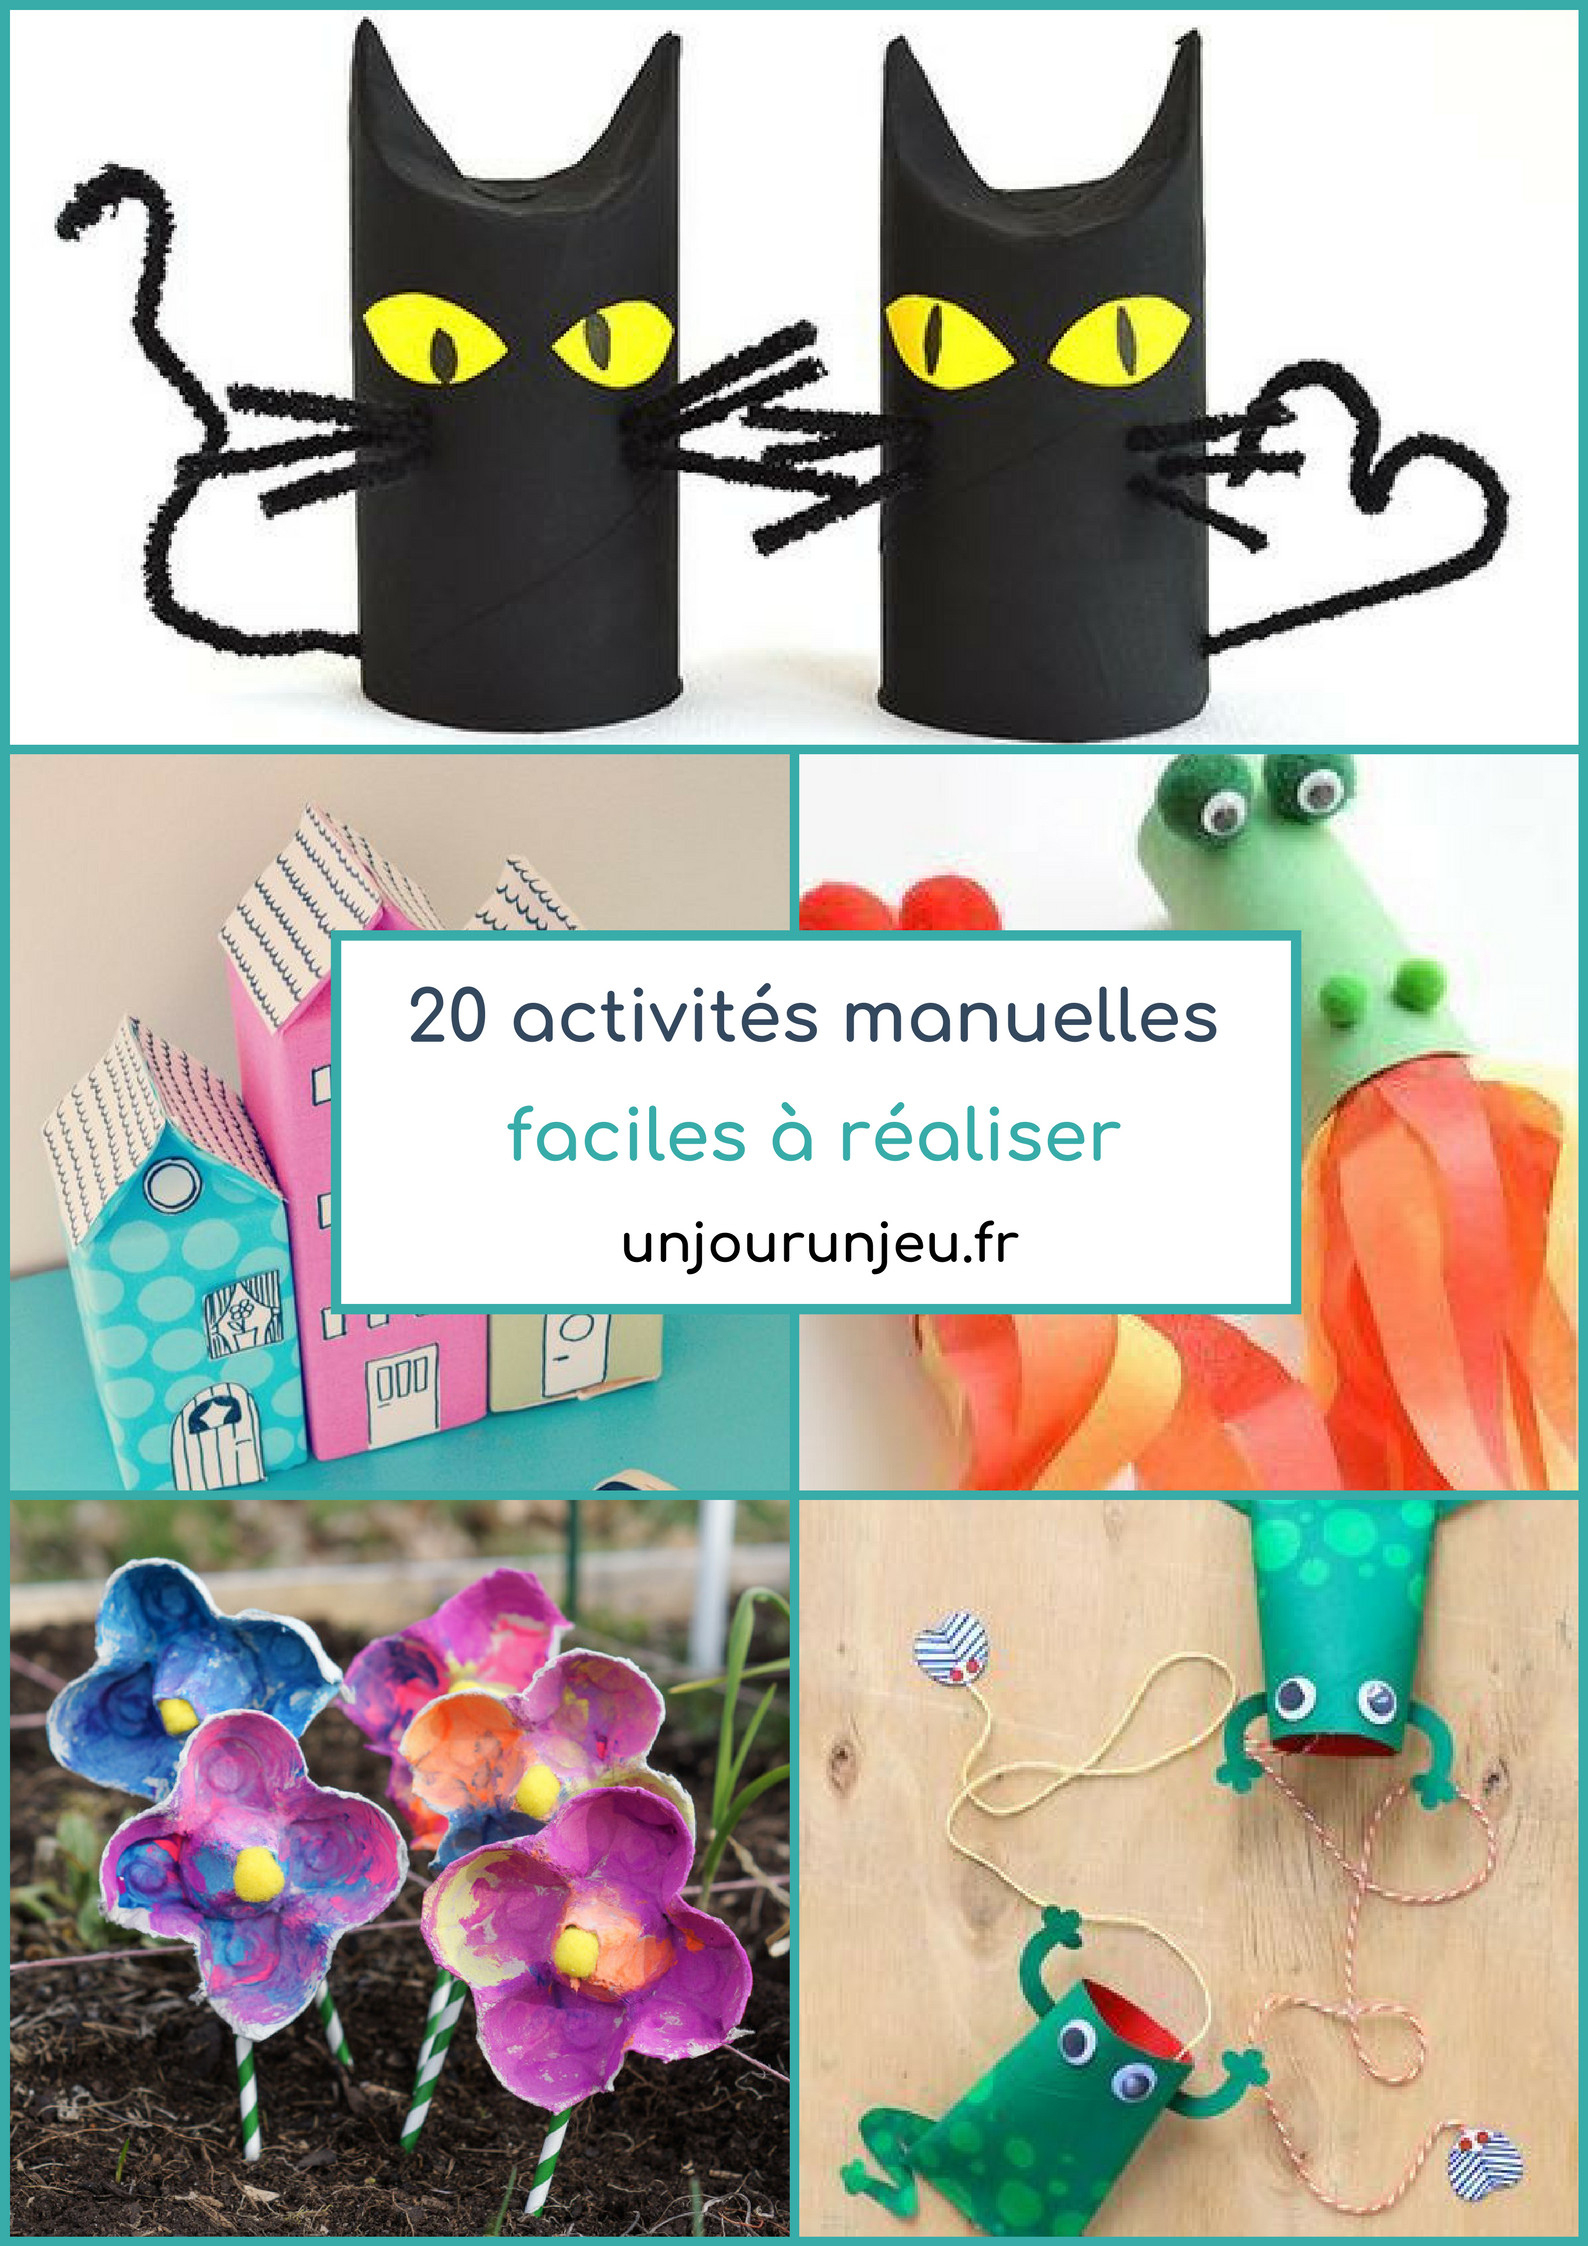 20 Activités Manuelles Faciles À Réaliser Pour Enfants En concernant Activités Manuelles Enfant 3 Ans